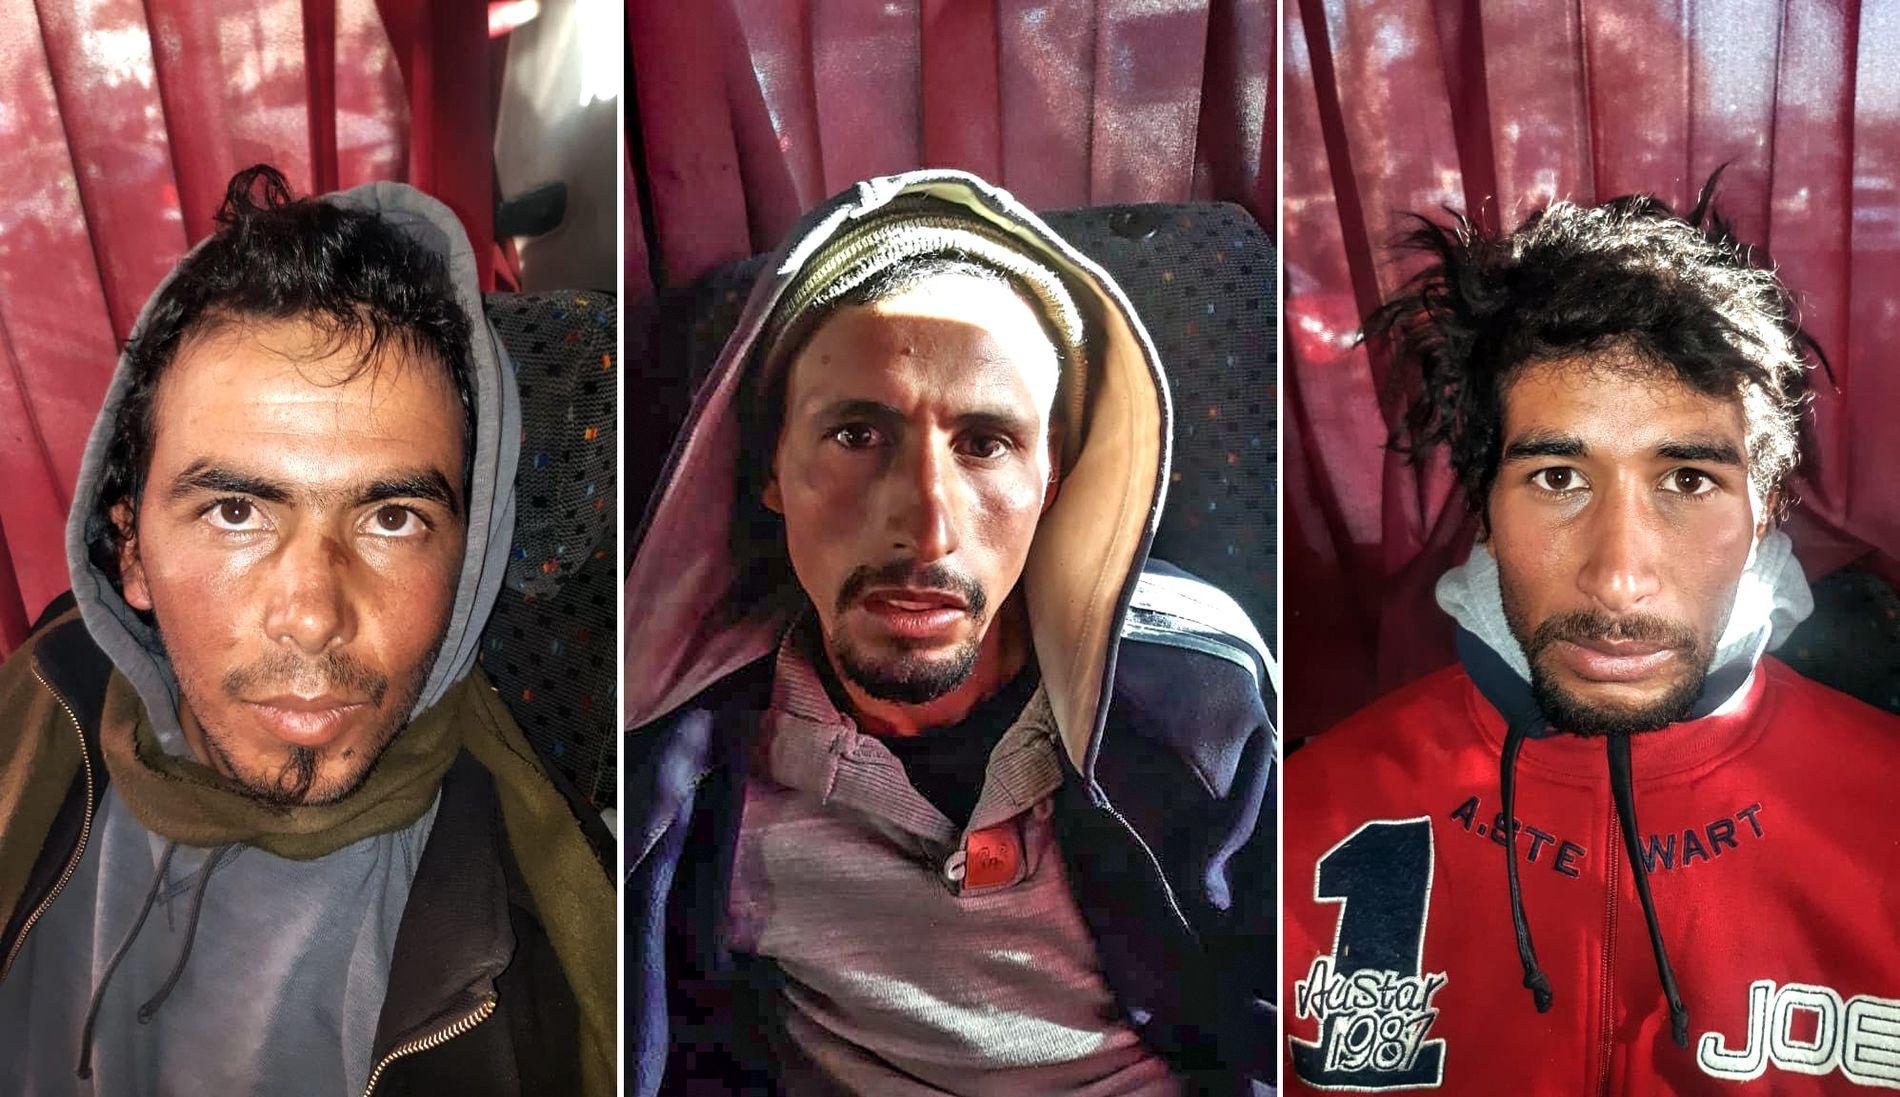 ARRESTERT:  Torsdag ble Younes Ouaziad, Abdessamad Ijoud og  pågrepet på en buss i Marrakech.